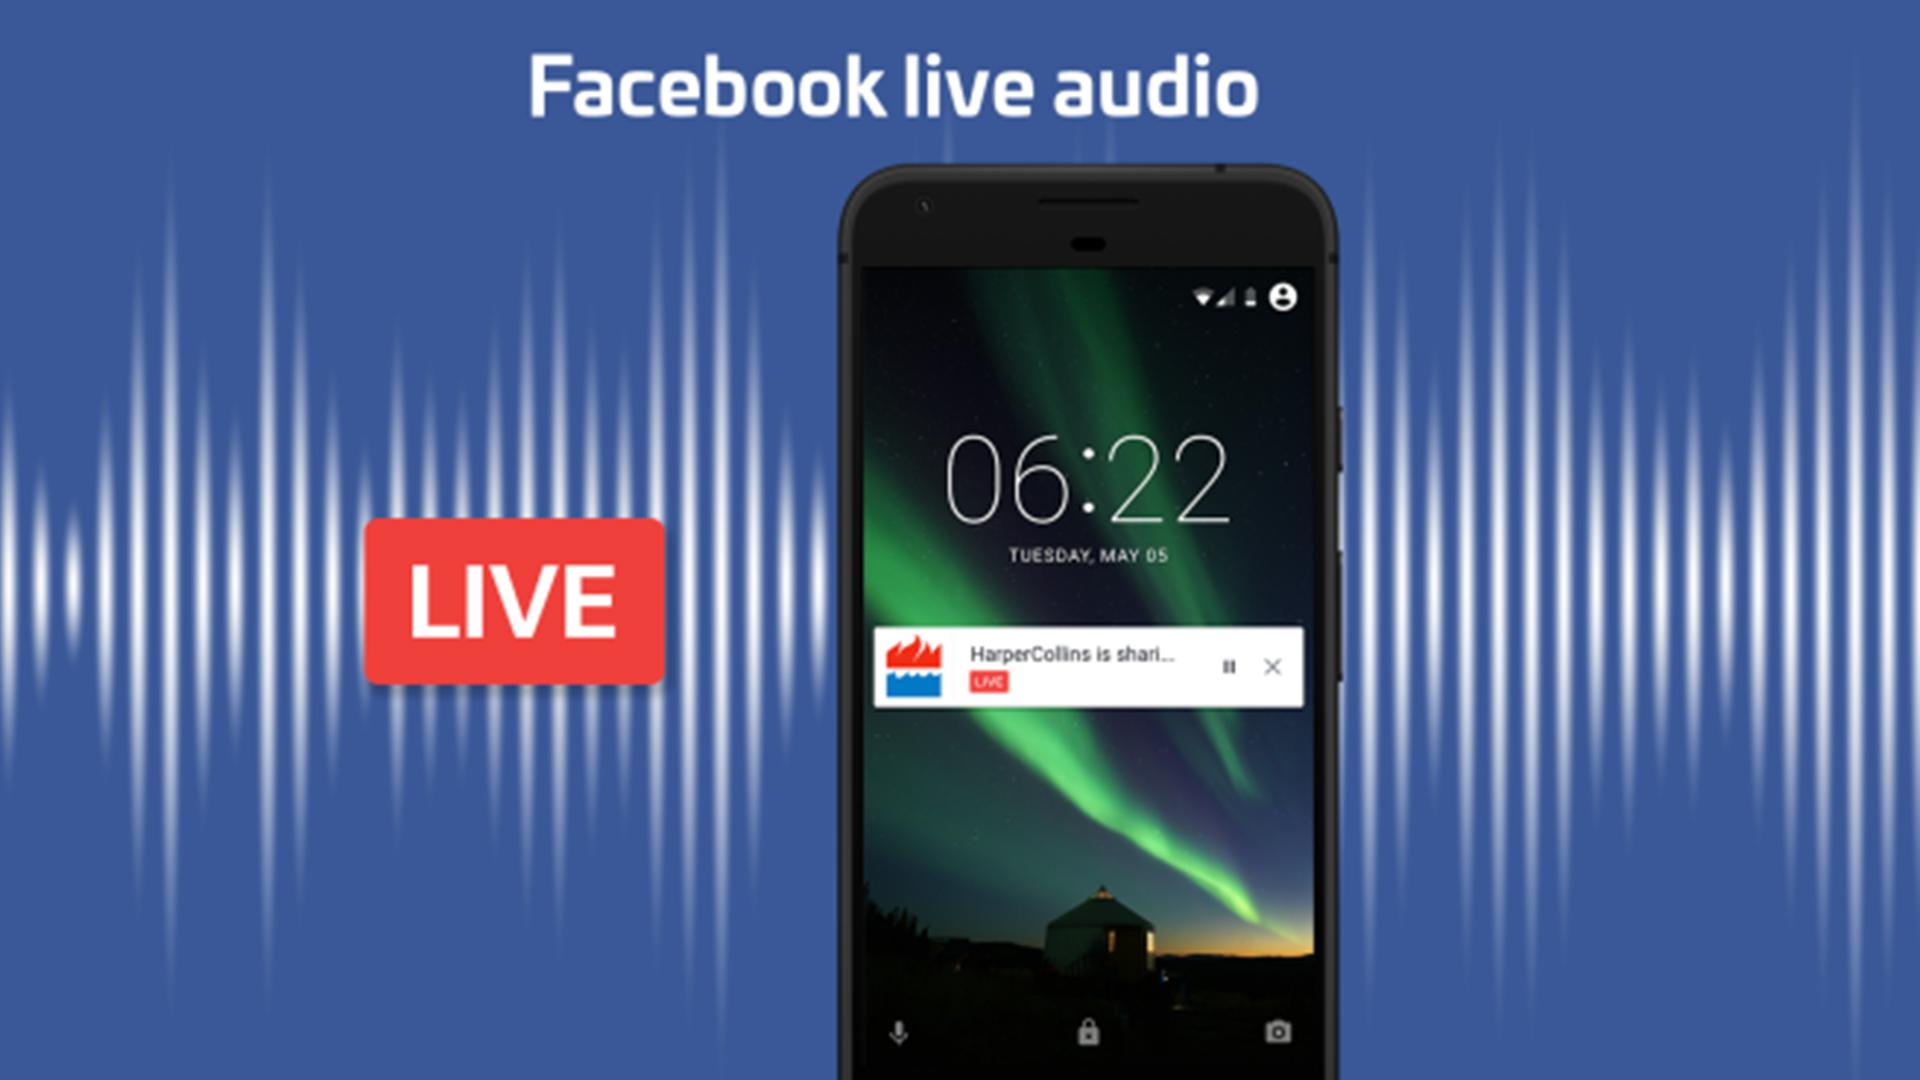 ออกมาฆ่าวิทยุ? Facebook เปิดตัวฟีเจอร์ Live Audio ถ่ายทอดสดเฉพาะเสียง !!